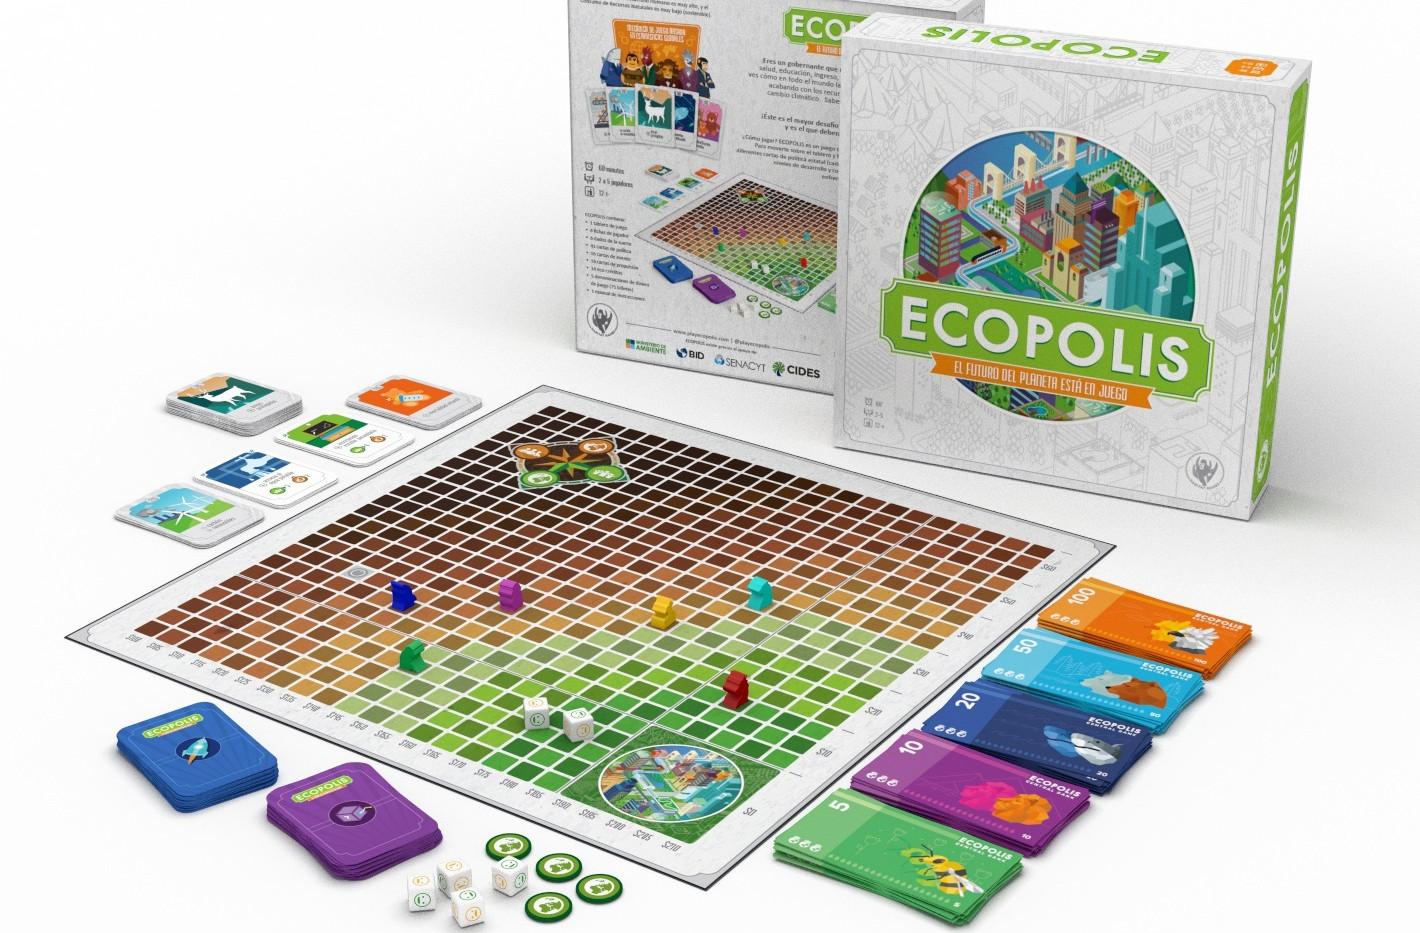 ecopolis_todo_sqr.jpg